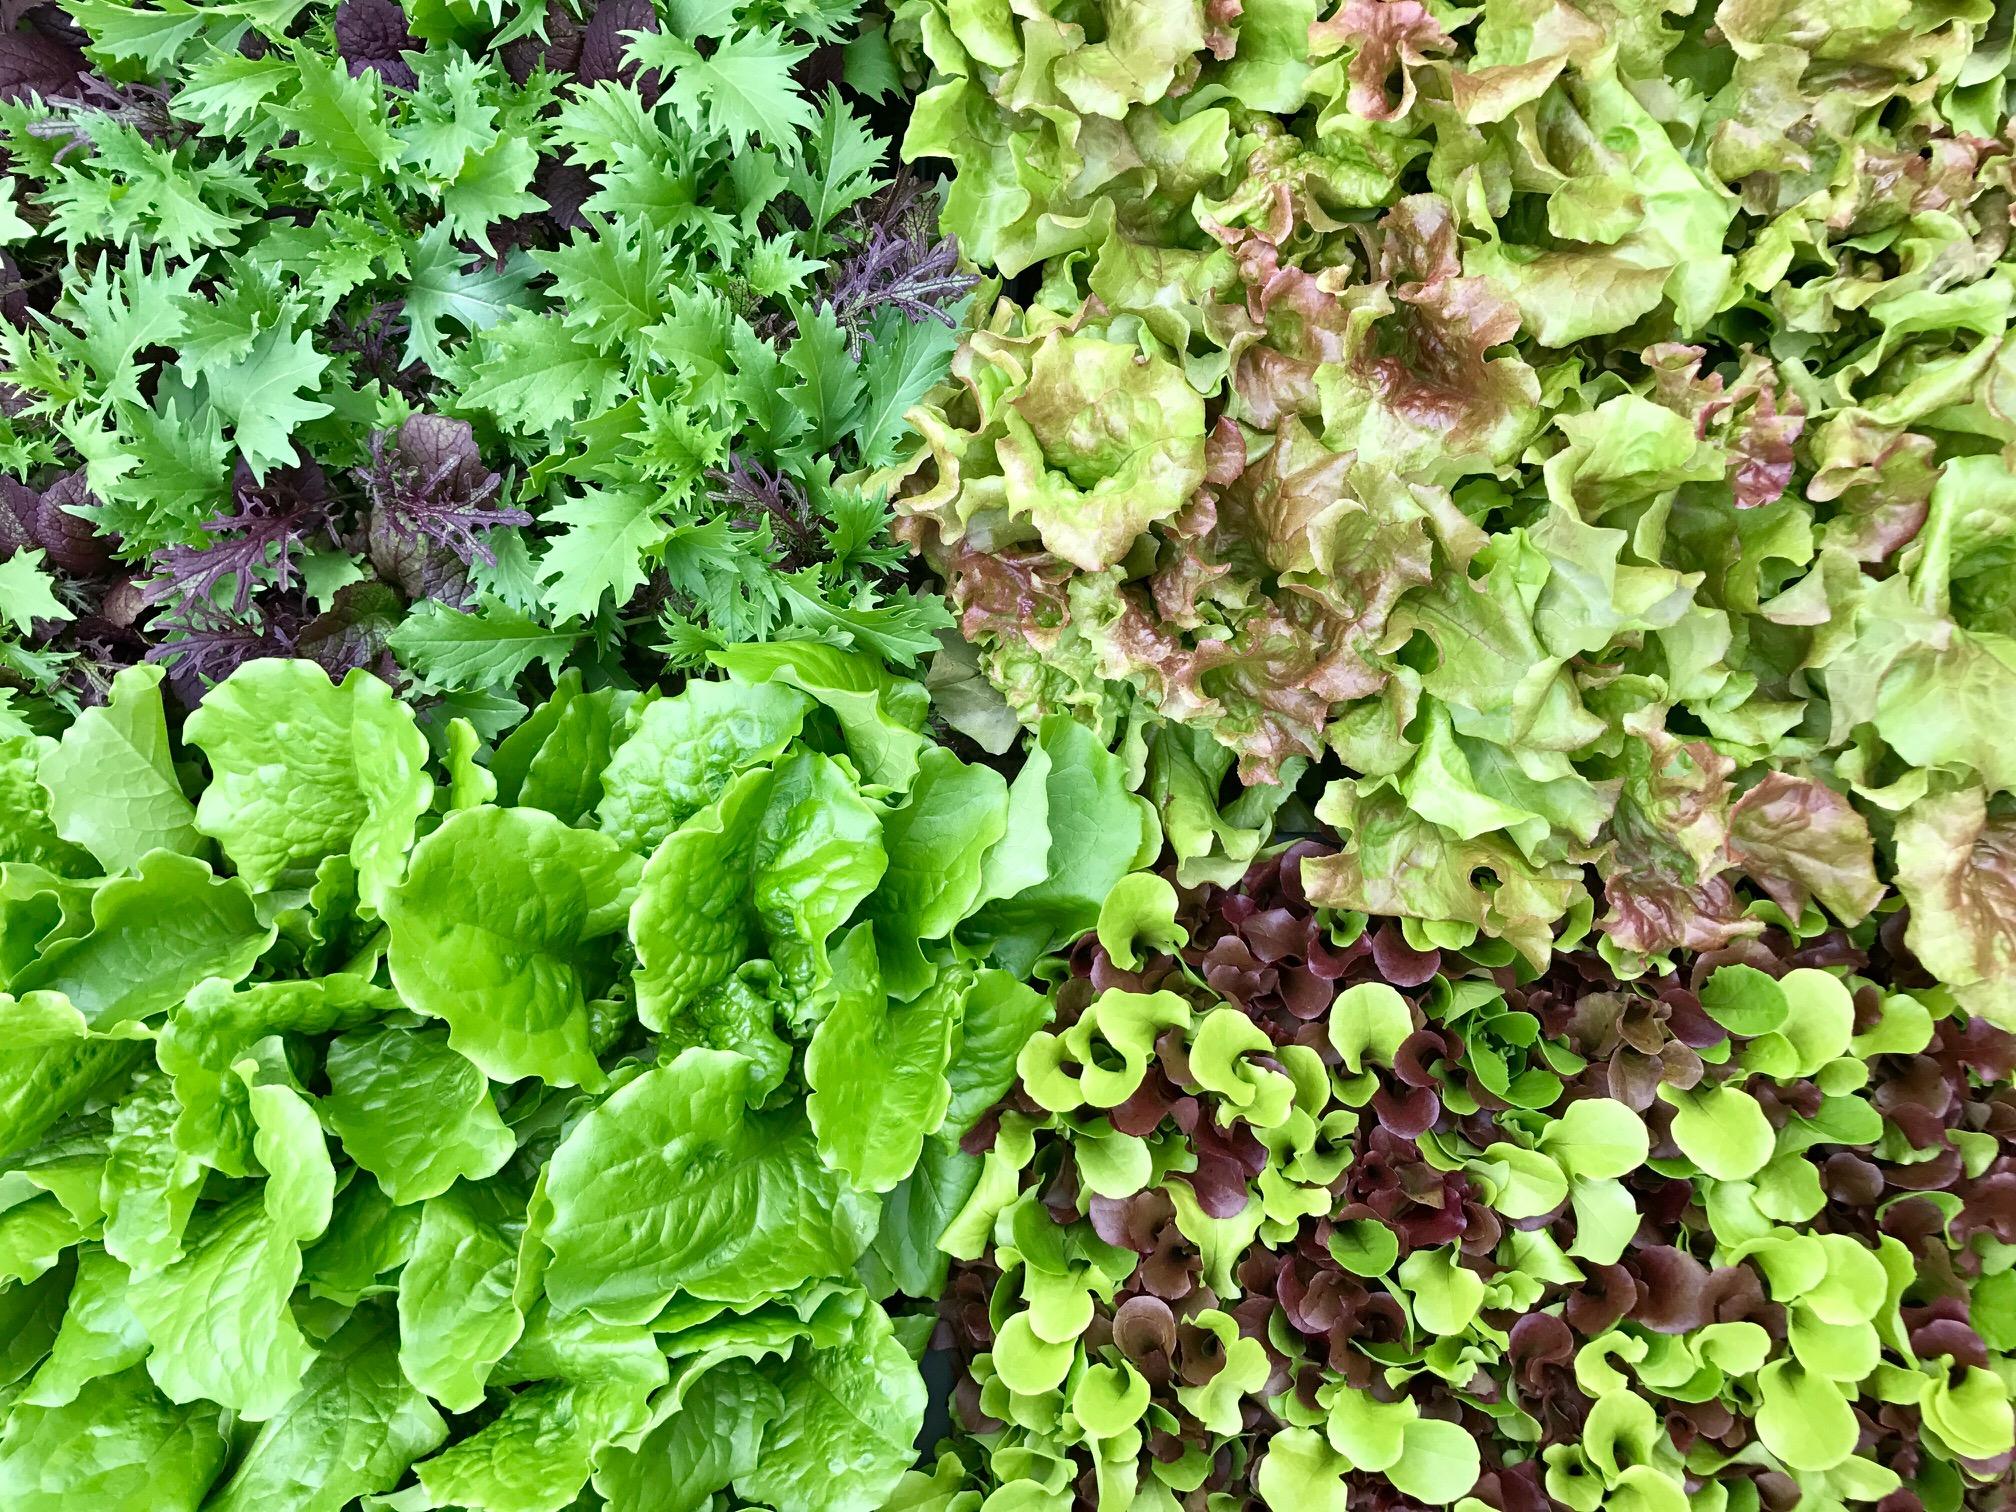 大人気のポット野菜、ビオラ、ストック、観葉植物大量入荷です!